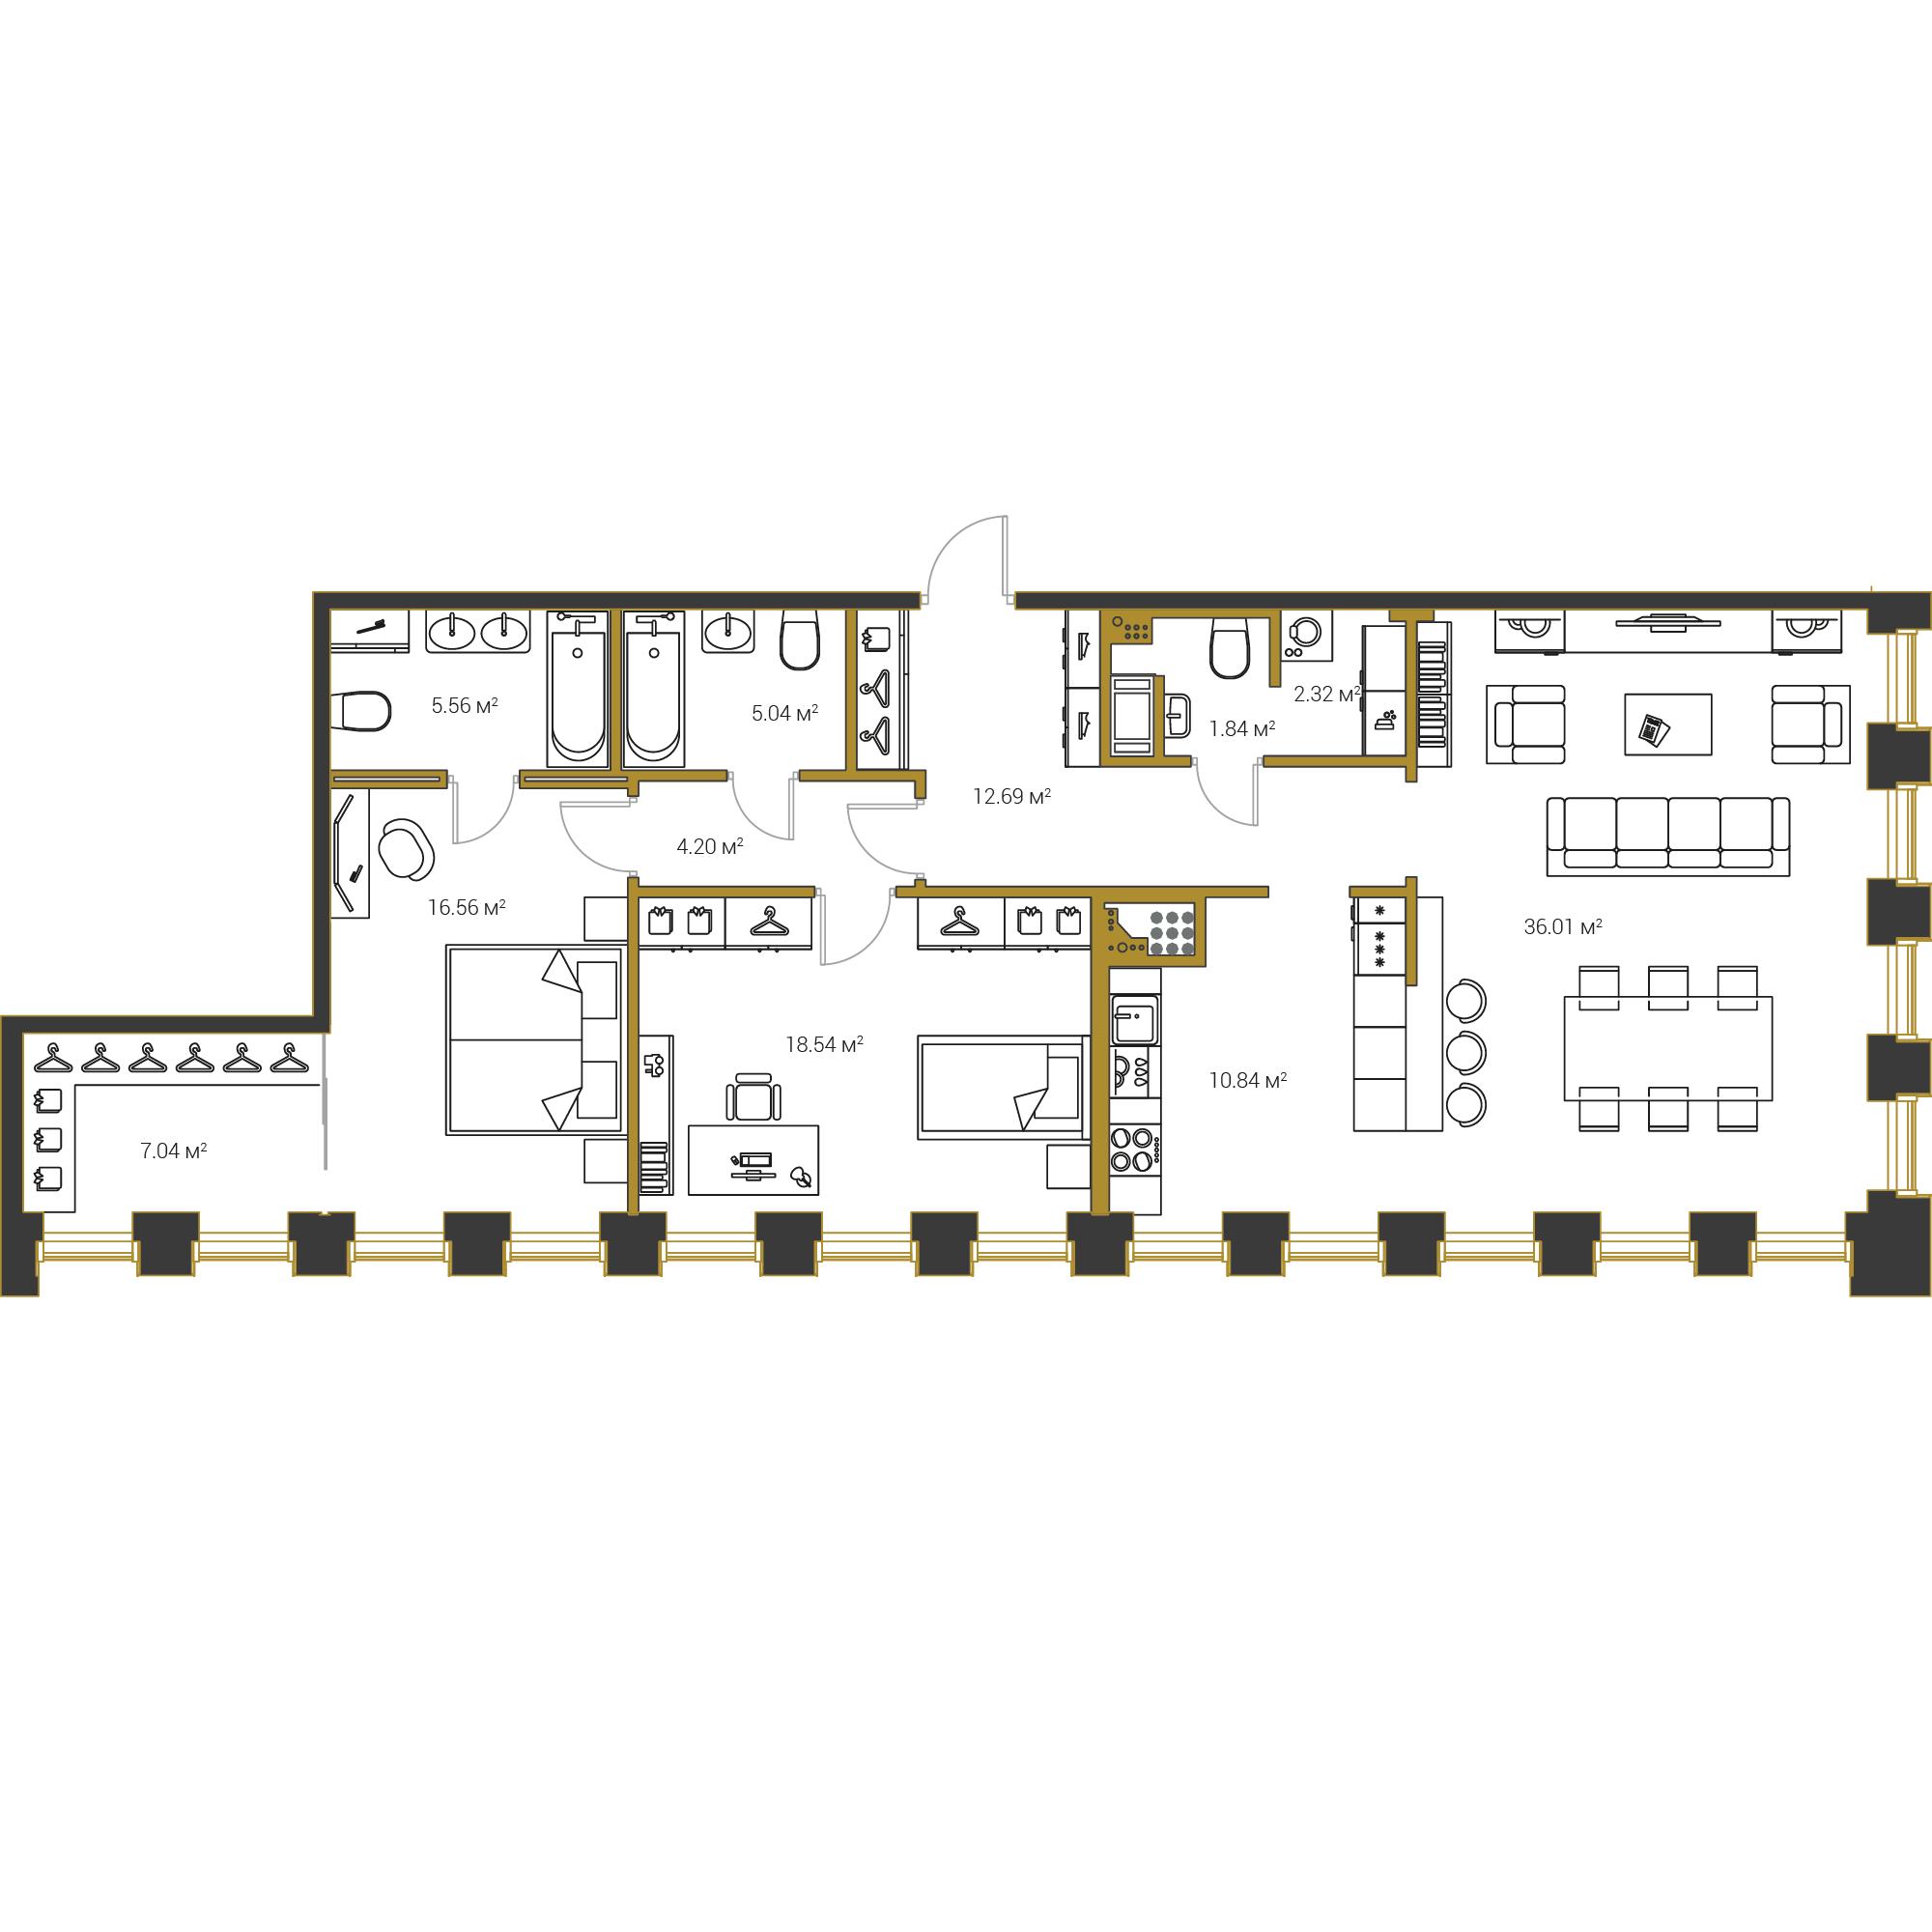 2-комнатная квартира №16 в: Институтский,16: 120.64 м²; этаж: 3 - купить в Санкт-Петербурге